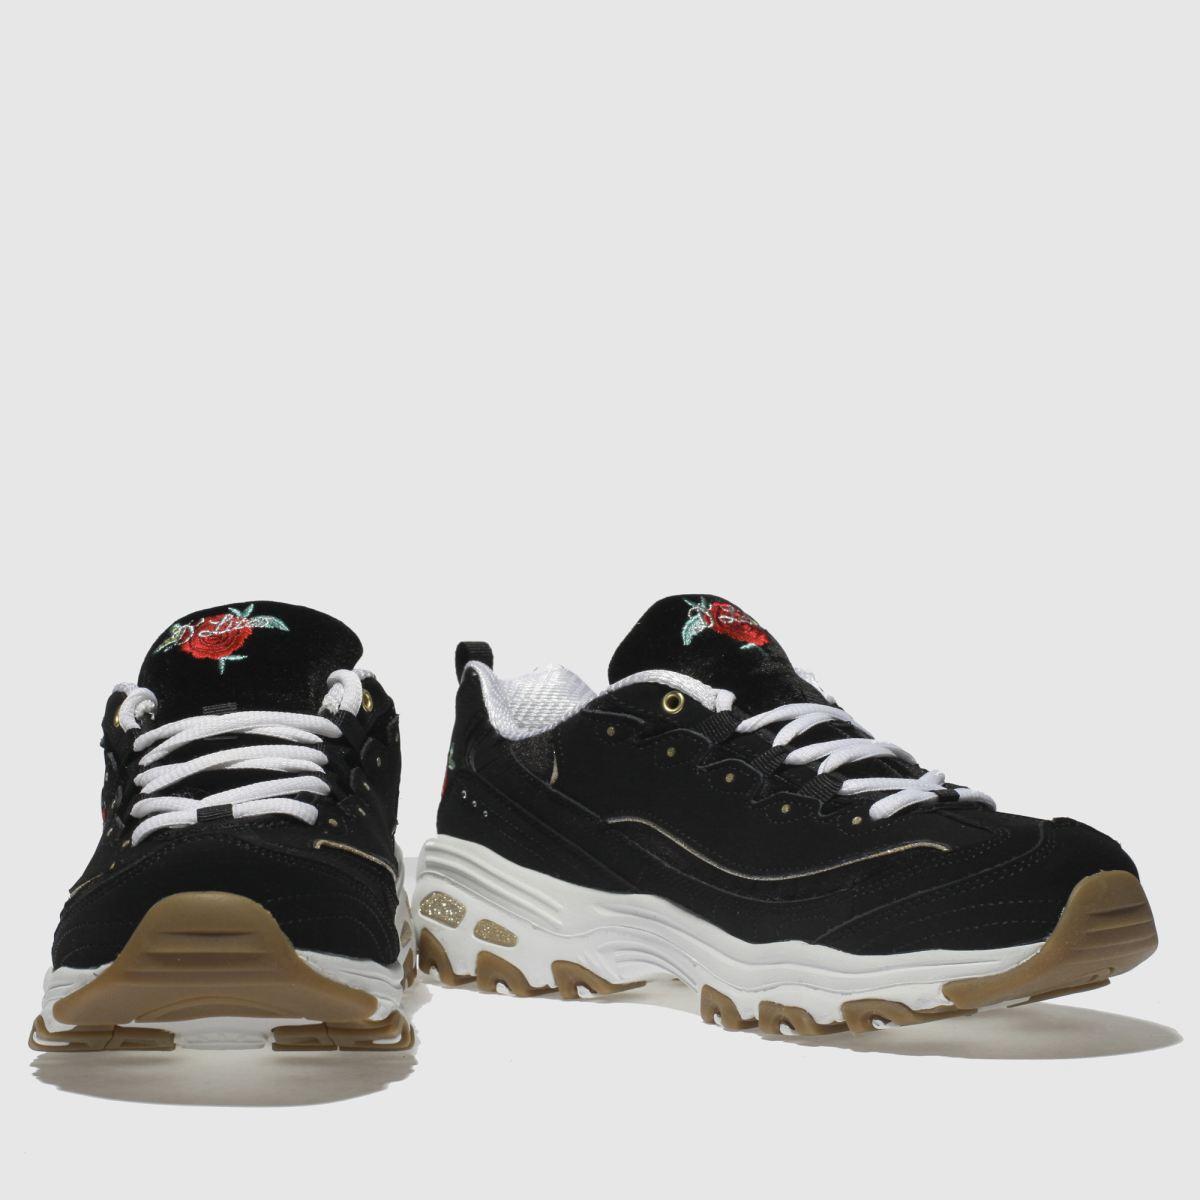 Damen schuh Schwarz-weiß skechers Dlites Sneaker | schuh Damen Gute Qualität beliebte Schuhe a1dc92